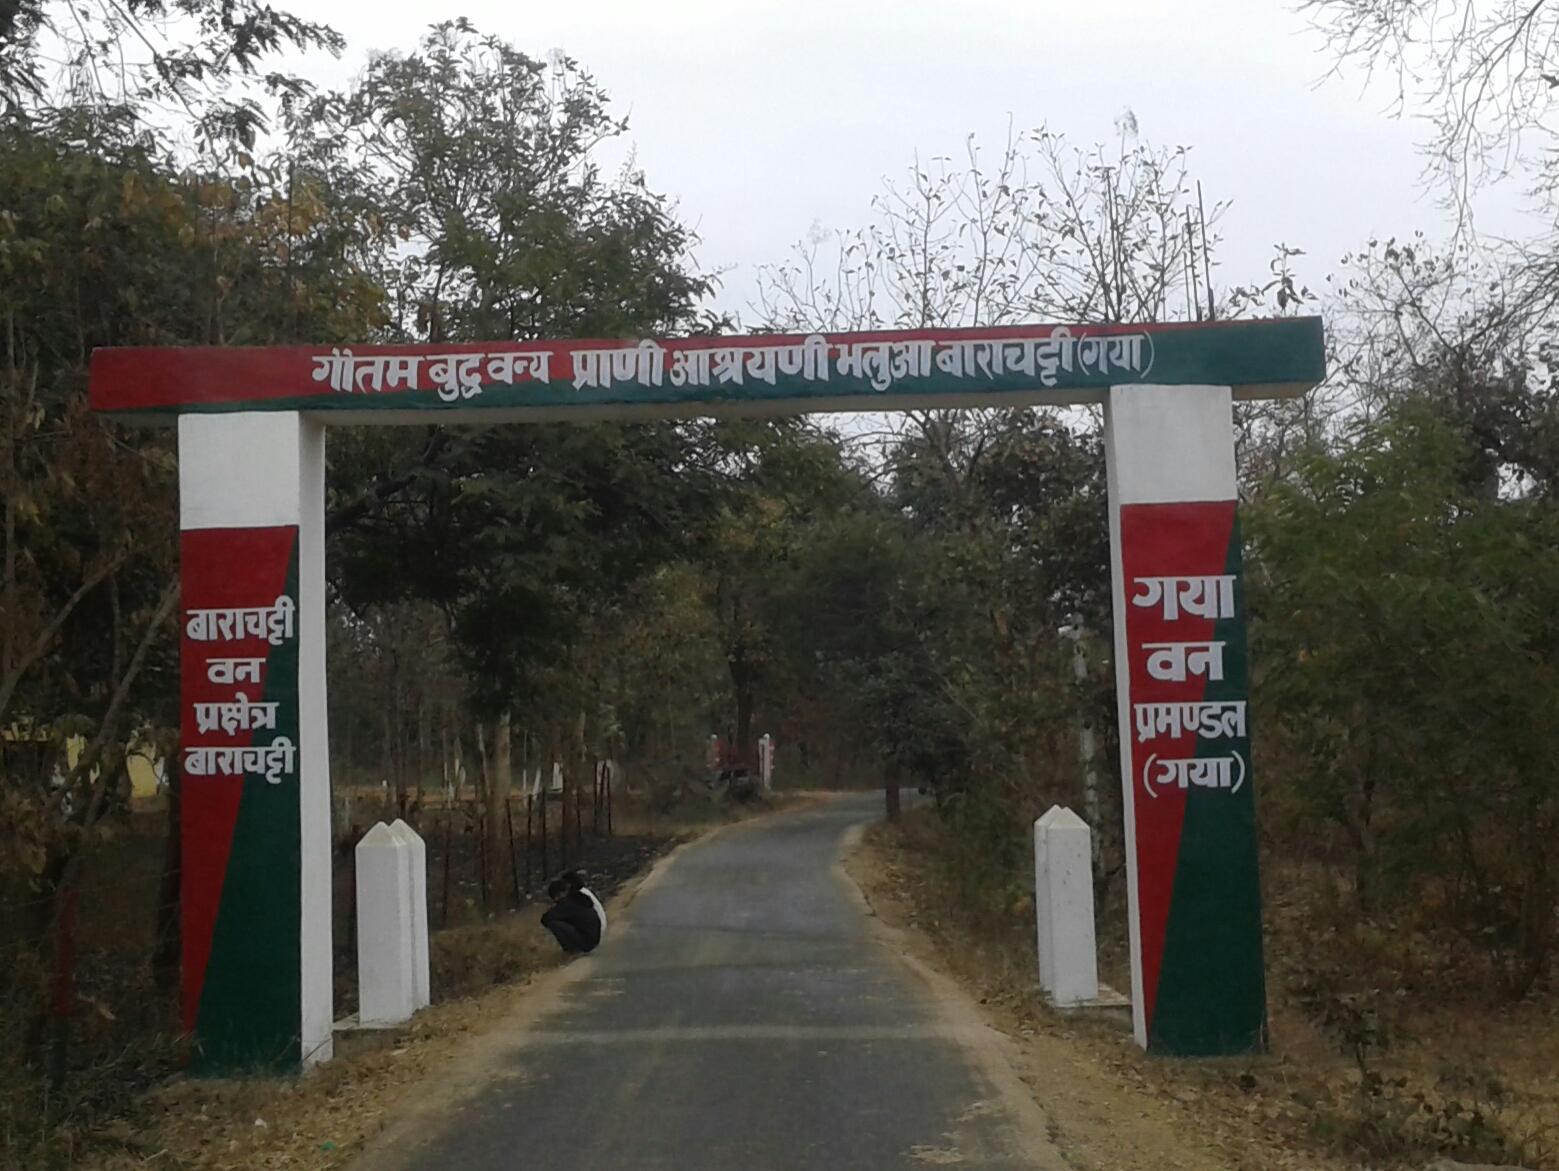 An Introduction To Pant Wildlife Sanctuary, Nalanda, Bihar